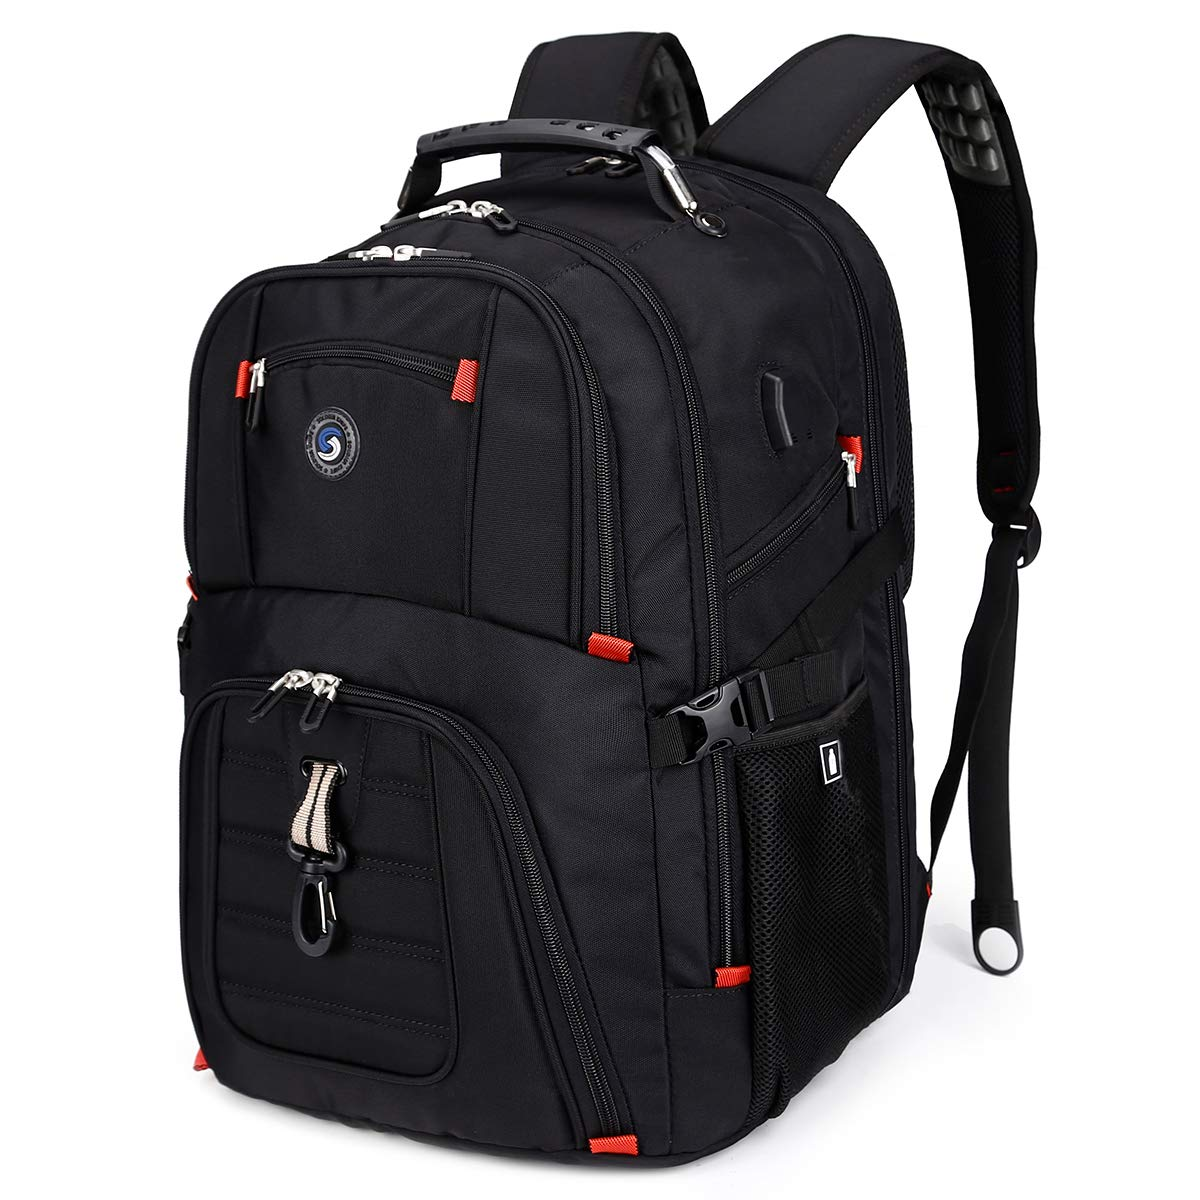 Zero waste essentials, zero waste travel kit, sustainable travel kit, Eco-friendly travel kit